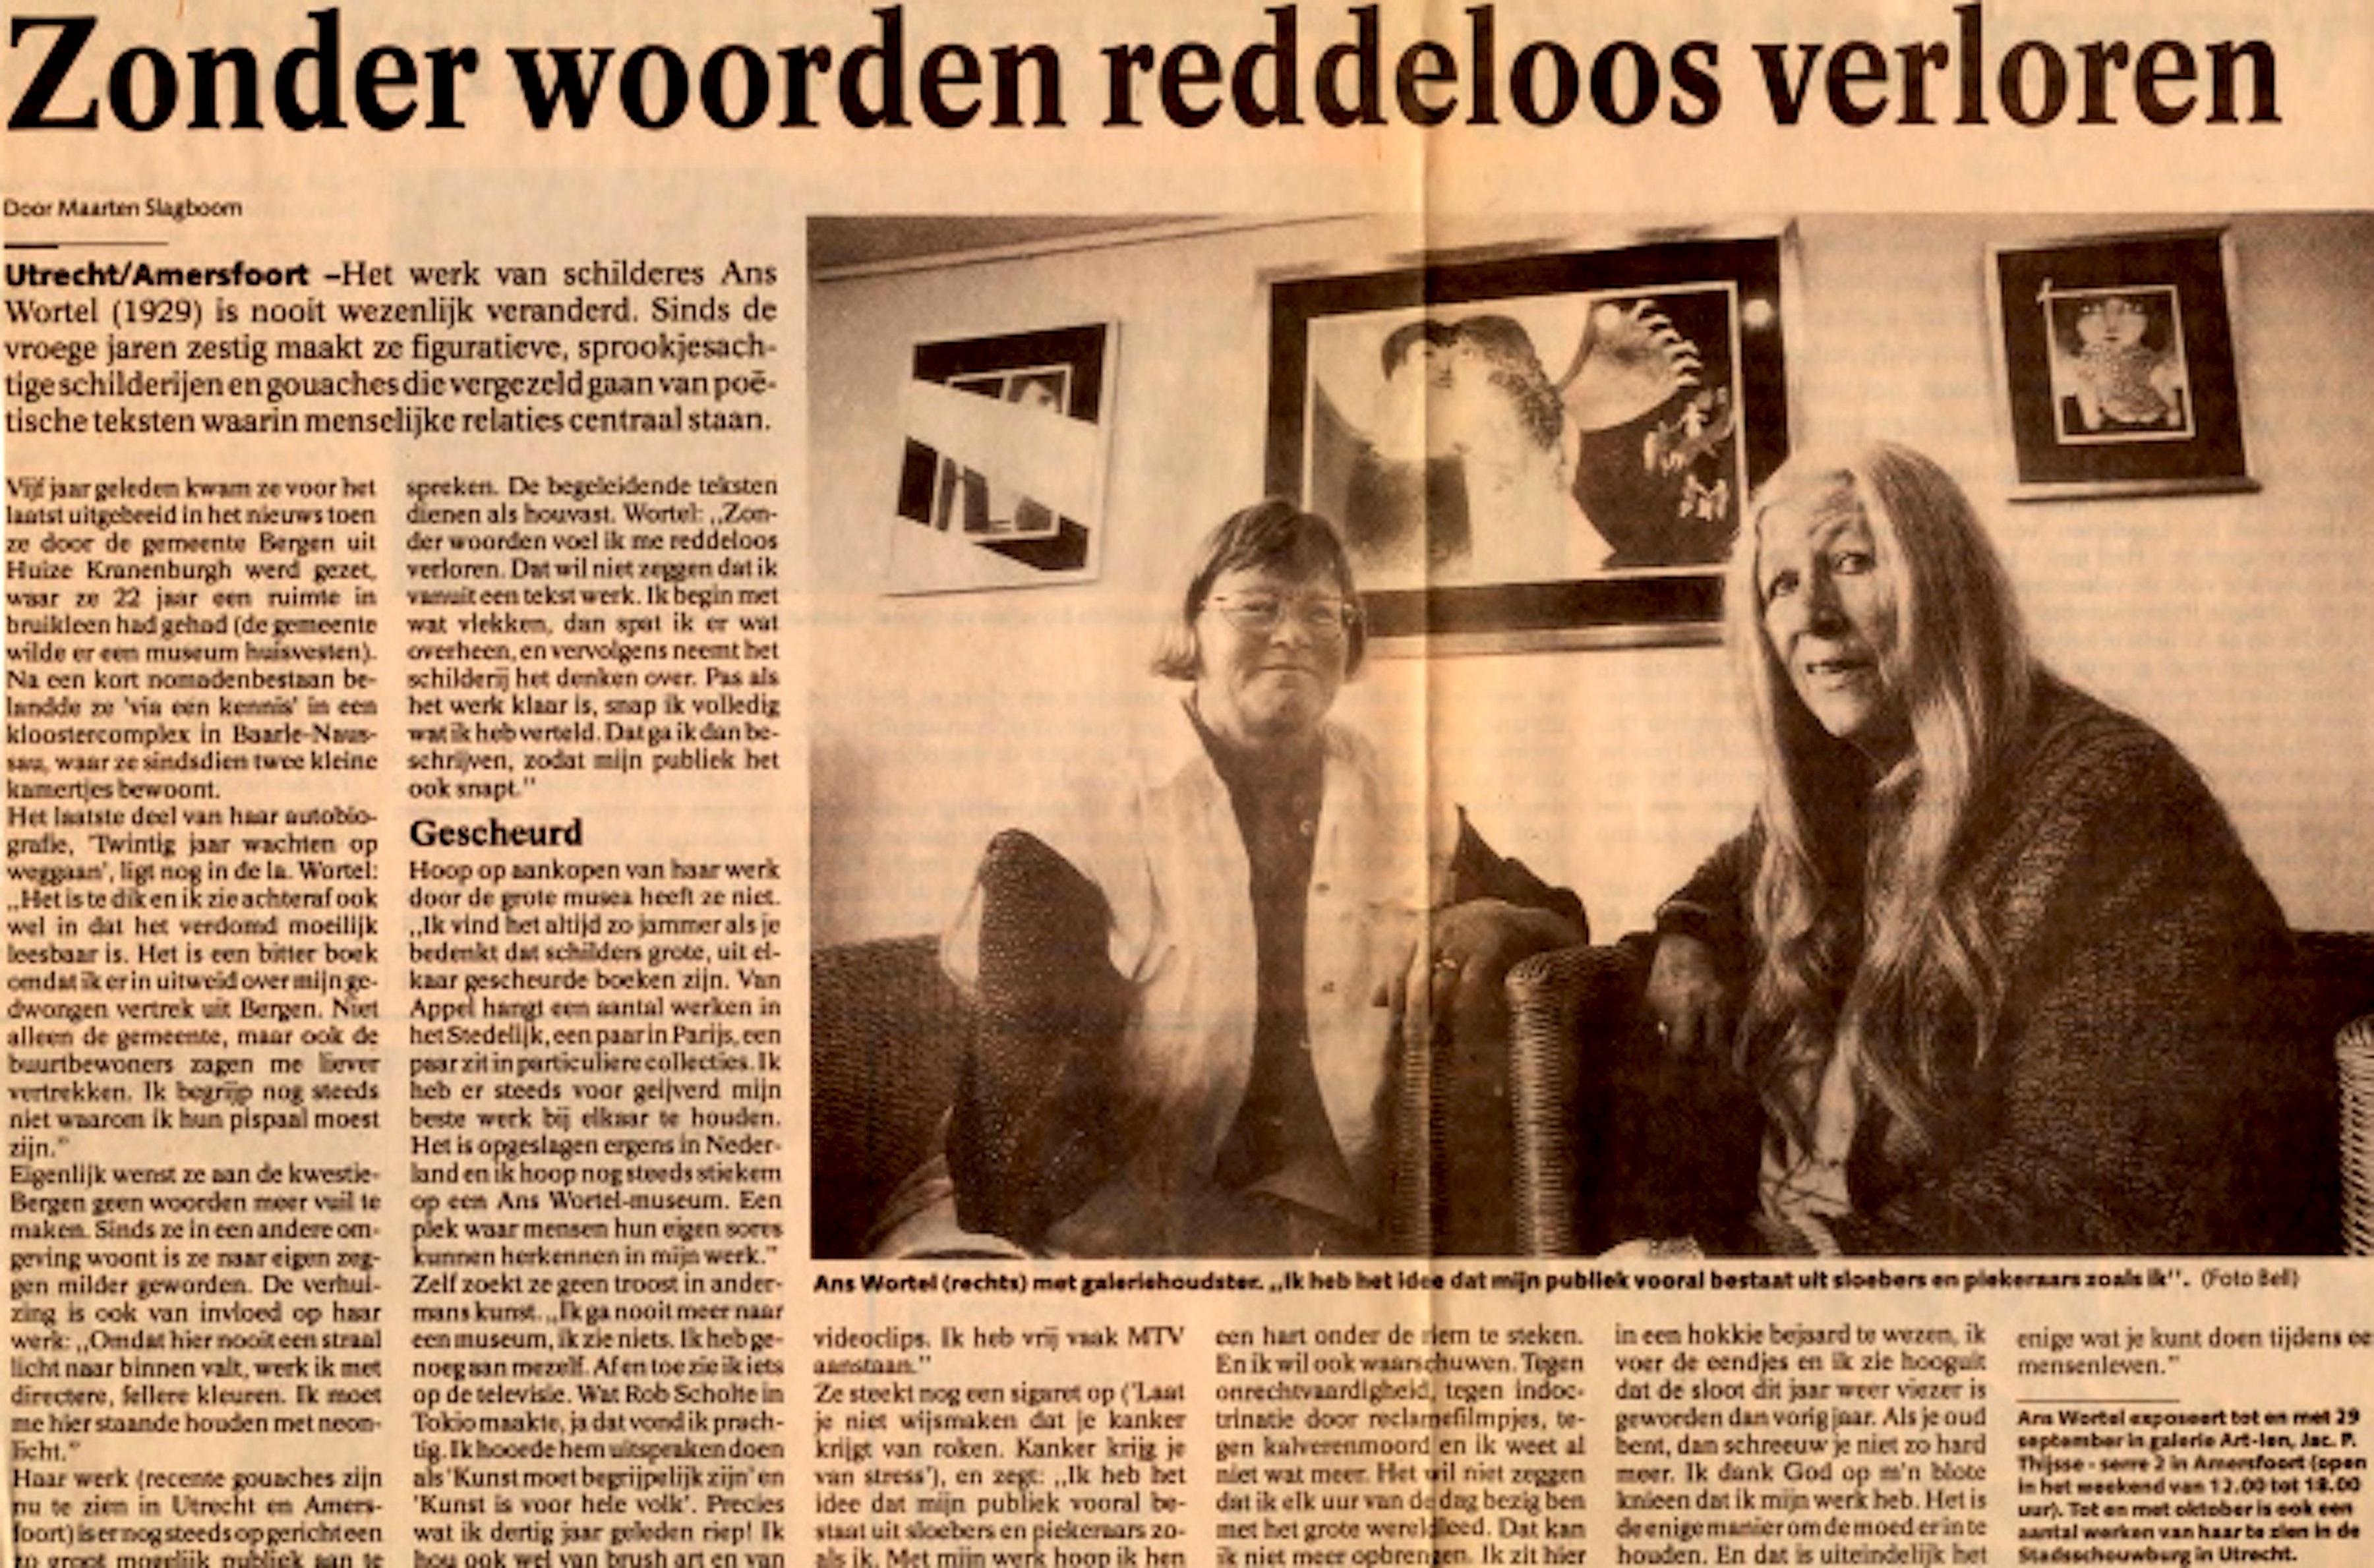 Utrechts Nieuwsblad, 3 september 1996